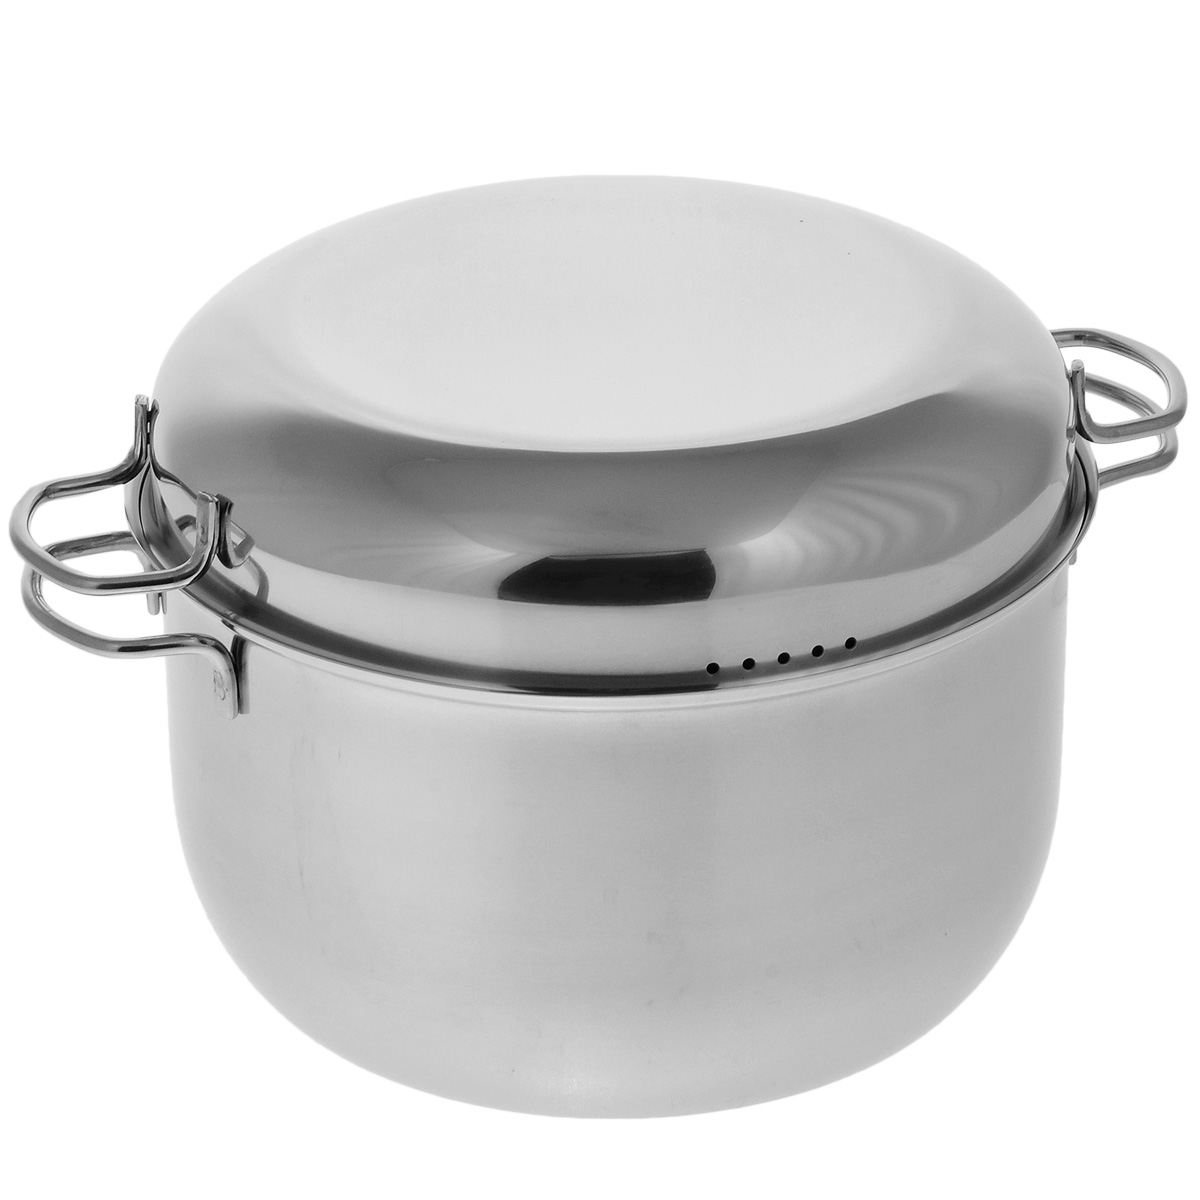 Мантоварка АМЕТ Классика с крышкой, 3 яруса, 7 л54 009312Мантоварка АМЕТ Классика предназначена для приготовления диетических блюд на пару, в частности - мантов. Изделие гигиенично и безопасно для здоровья. Нержавеющая сталь обладает малой теплопроводностью, поэтому посуда из нее остывает гораздо медленнее, чем любой другой вид посуды, а значит, приготовленное в ней более длительное время остается горячим. Мантоварка укомплектована тремя решетками с ручками из нержавеющей стали на ножках и крышкой. Крышка плотно прилегает к краю мантоварки, сохраняя аромат блюд. Крышка оснащена двумя удобными ручками и отверстиями для выпуска пара. Подходит для газовых и электрических плит. Можно мыть в посудомоечной машине. Высота стенки: 15,5 см. Толщина стенки: 0,3 см. Толщина дна: 0,3 см. Ширина с учетом ручек: 34,5 см. Диаметр решетки: 25 см. Высота мантоварки (с учетом крышки): 21 см.